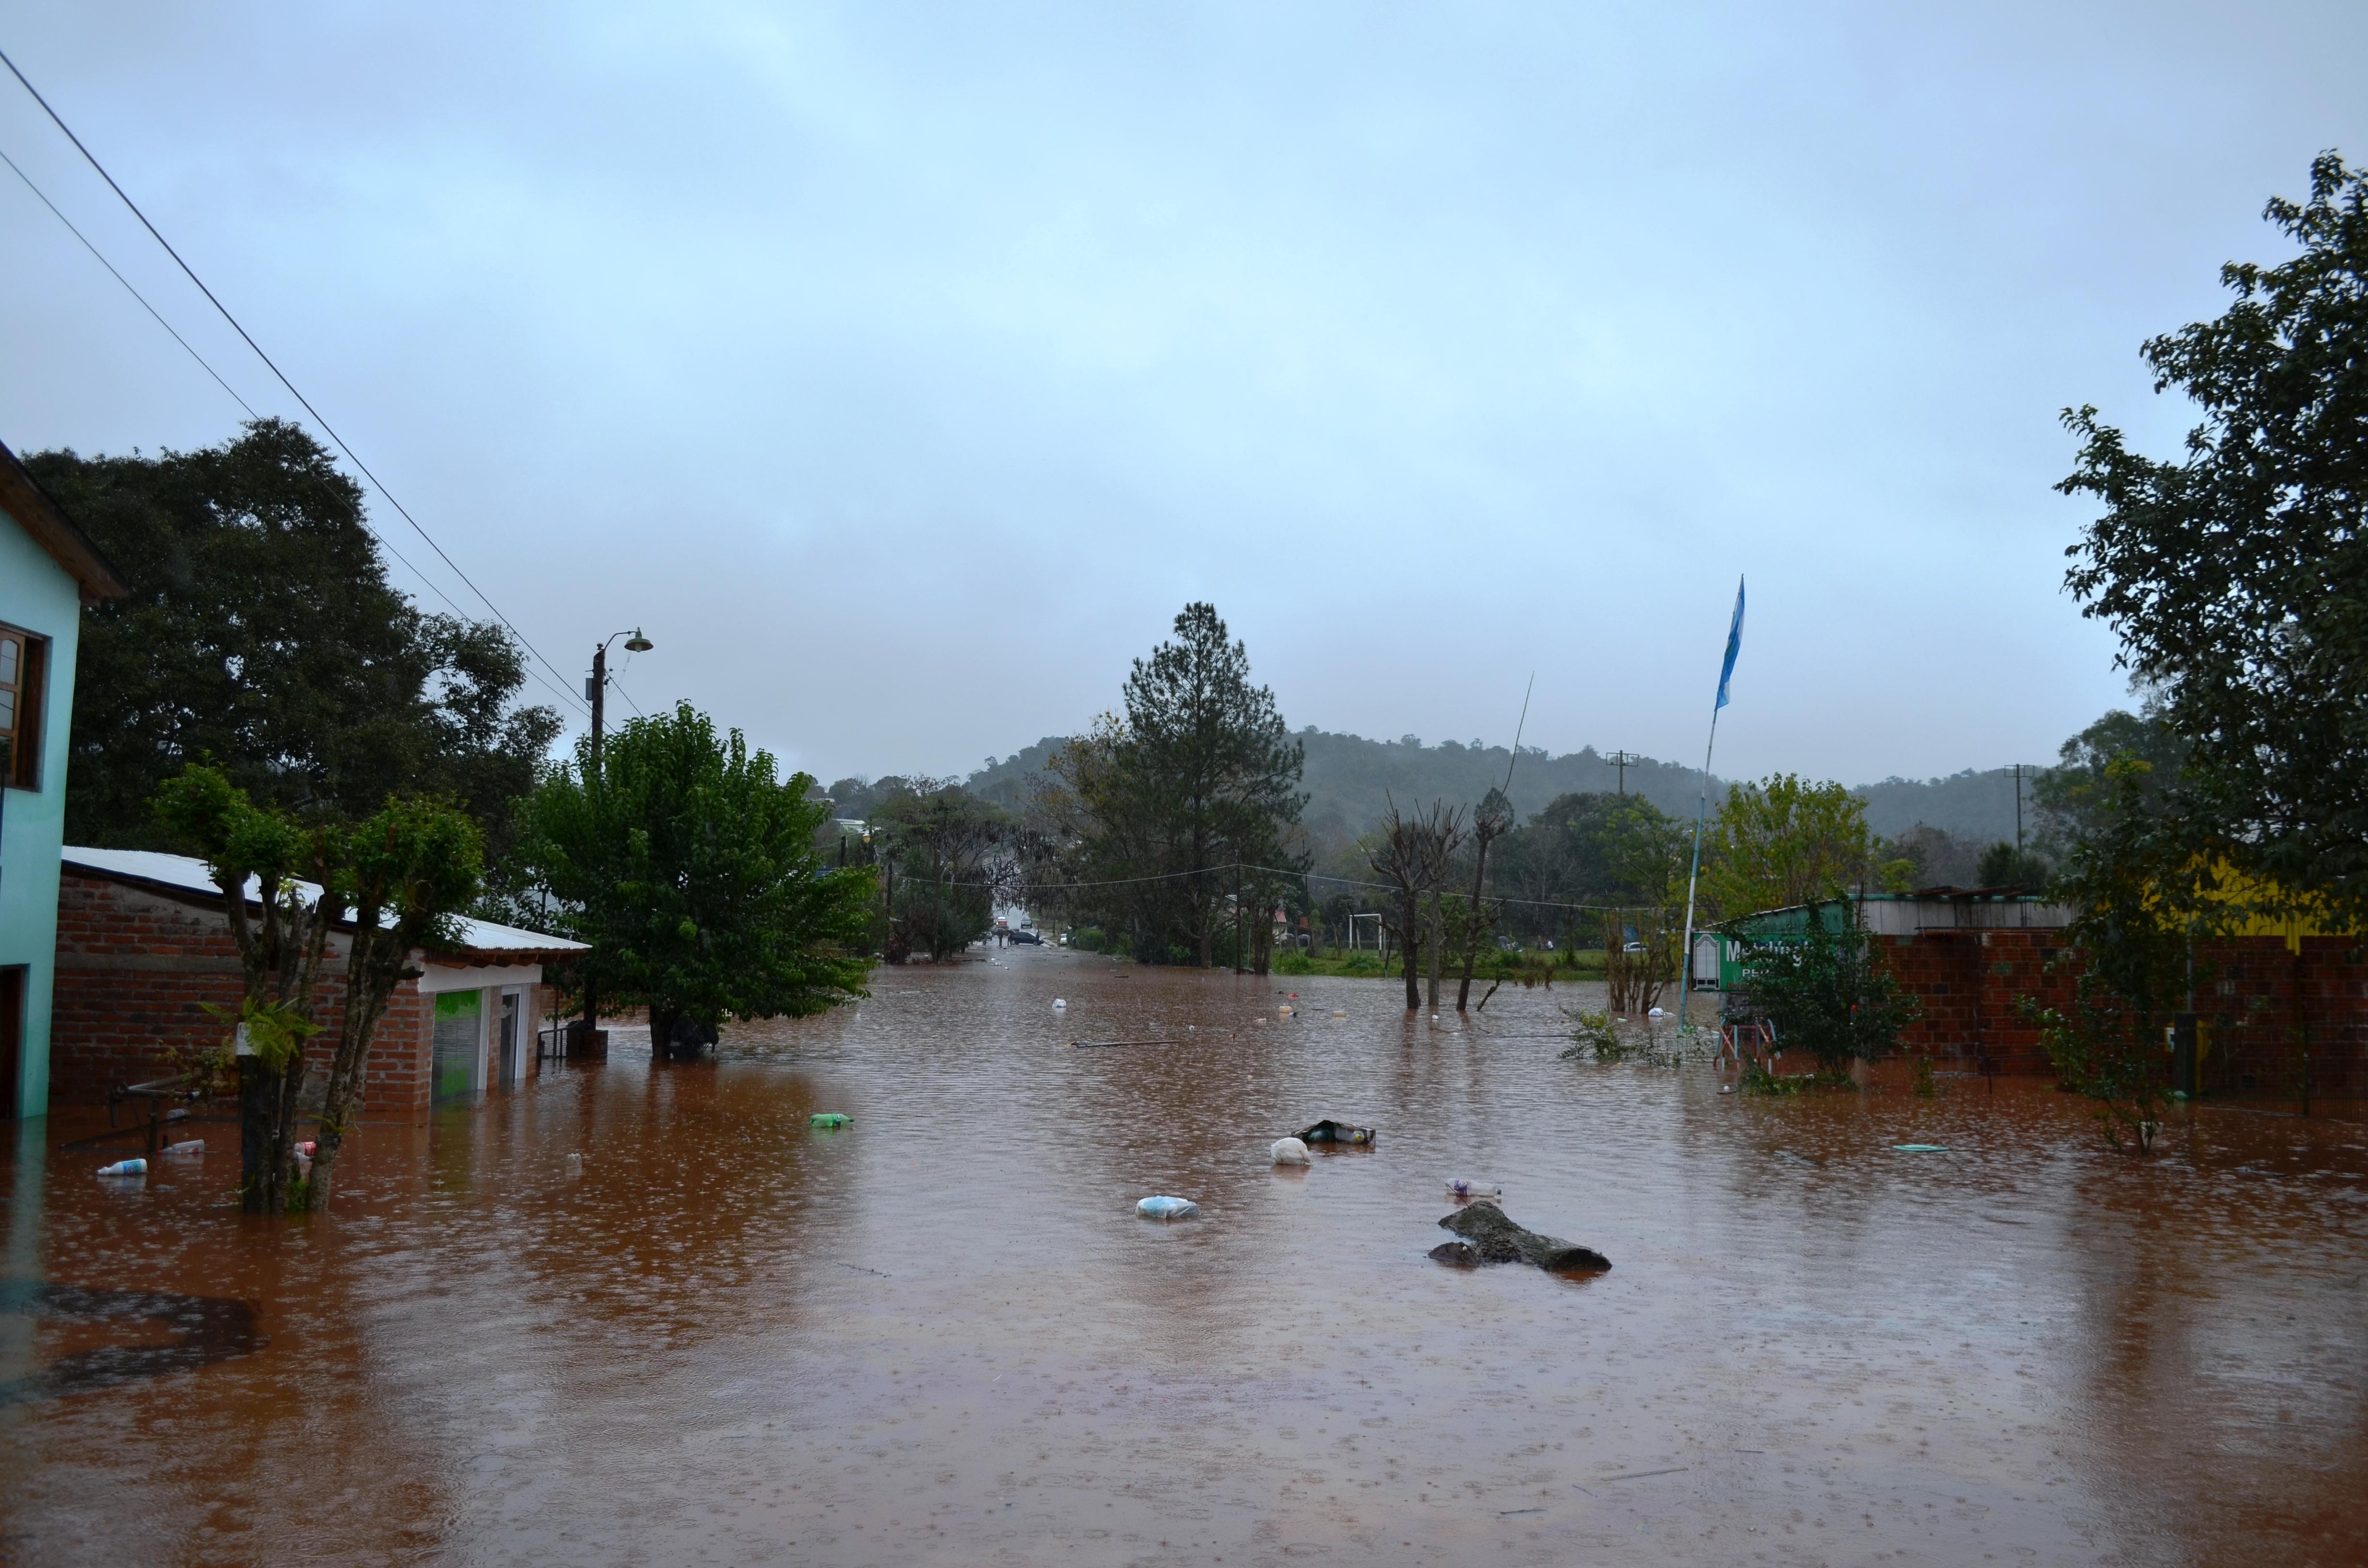 En dos meses comenzarían a entregar las casas a afectados por la inundación en El Soberbio